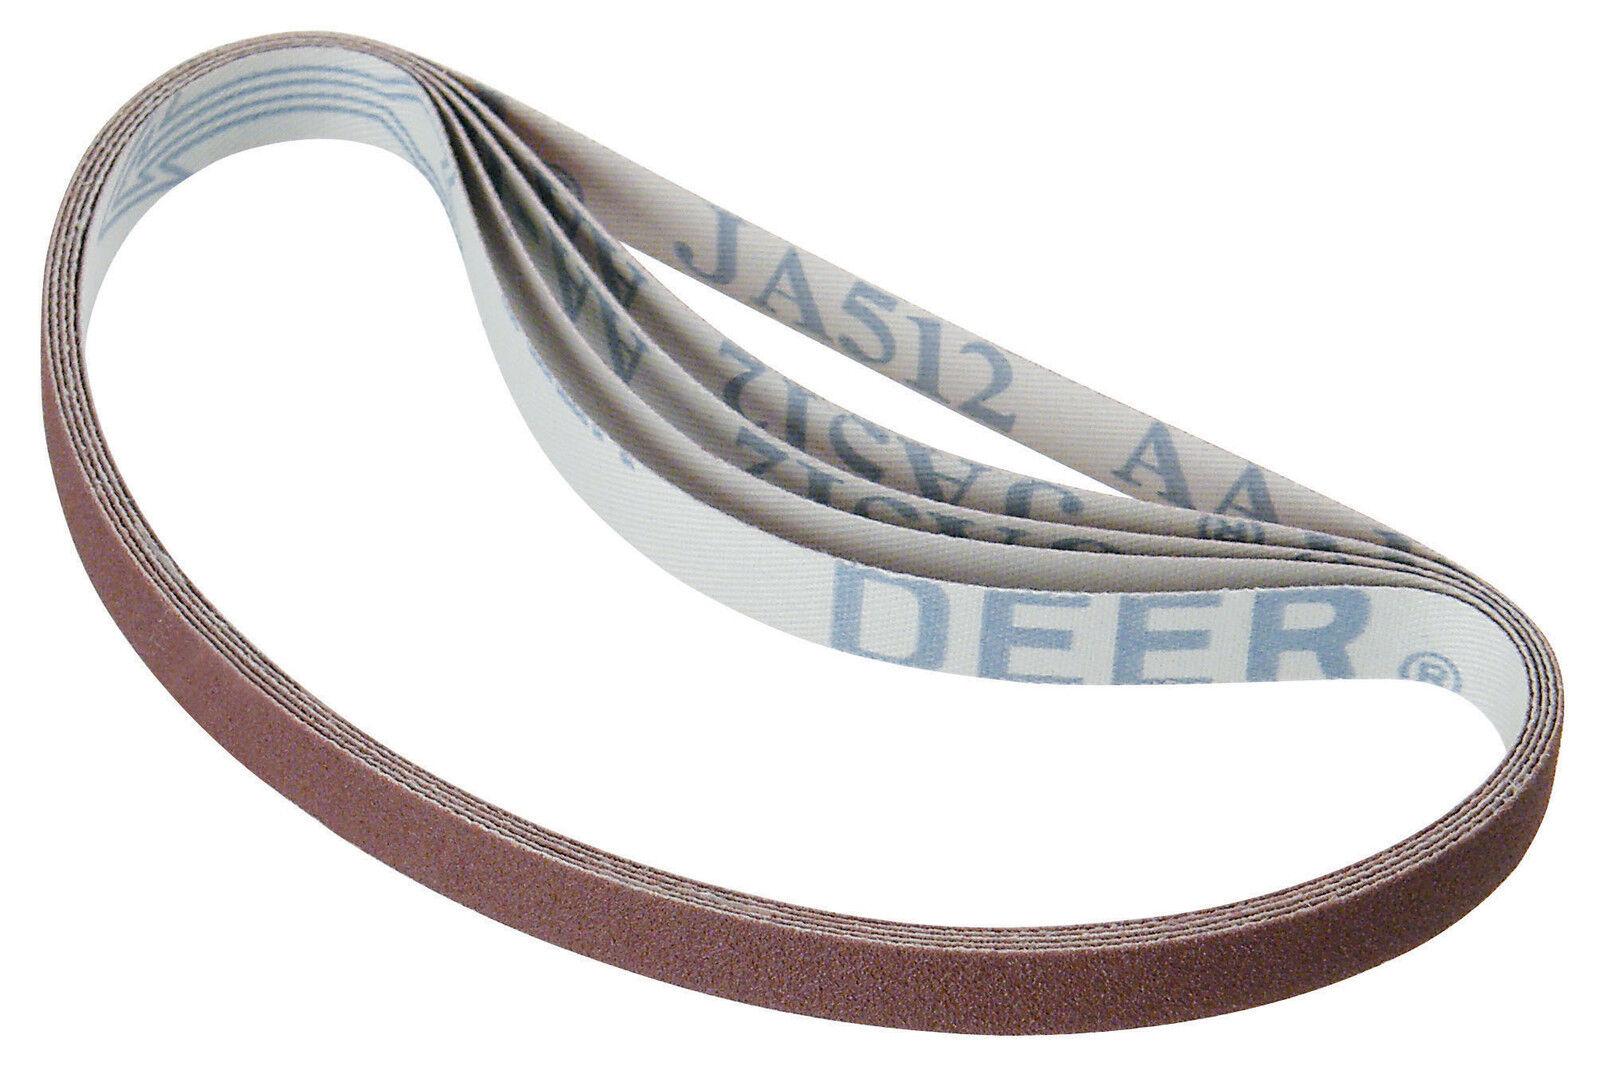 Toko Ersatz Ersatz Toko Schleifbänder für Edge Tuner Evo fein 589cac